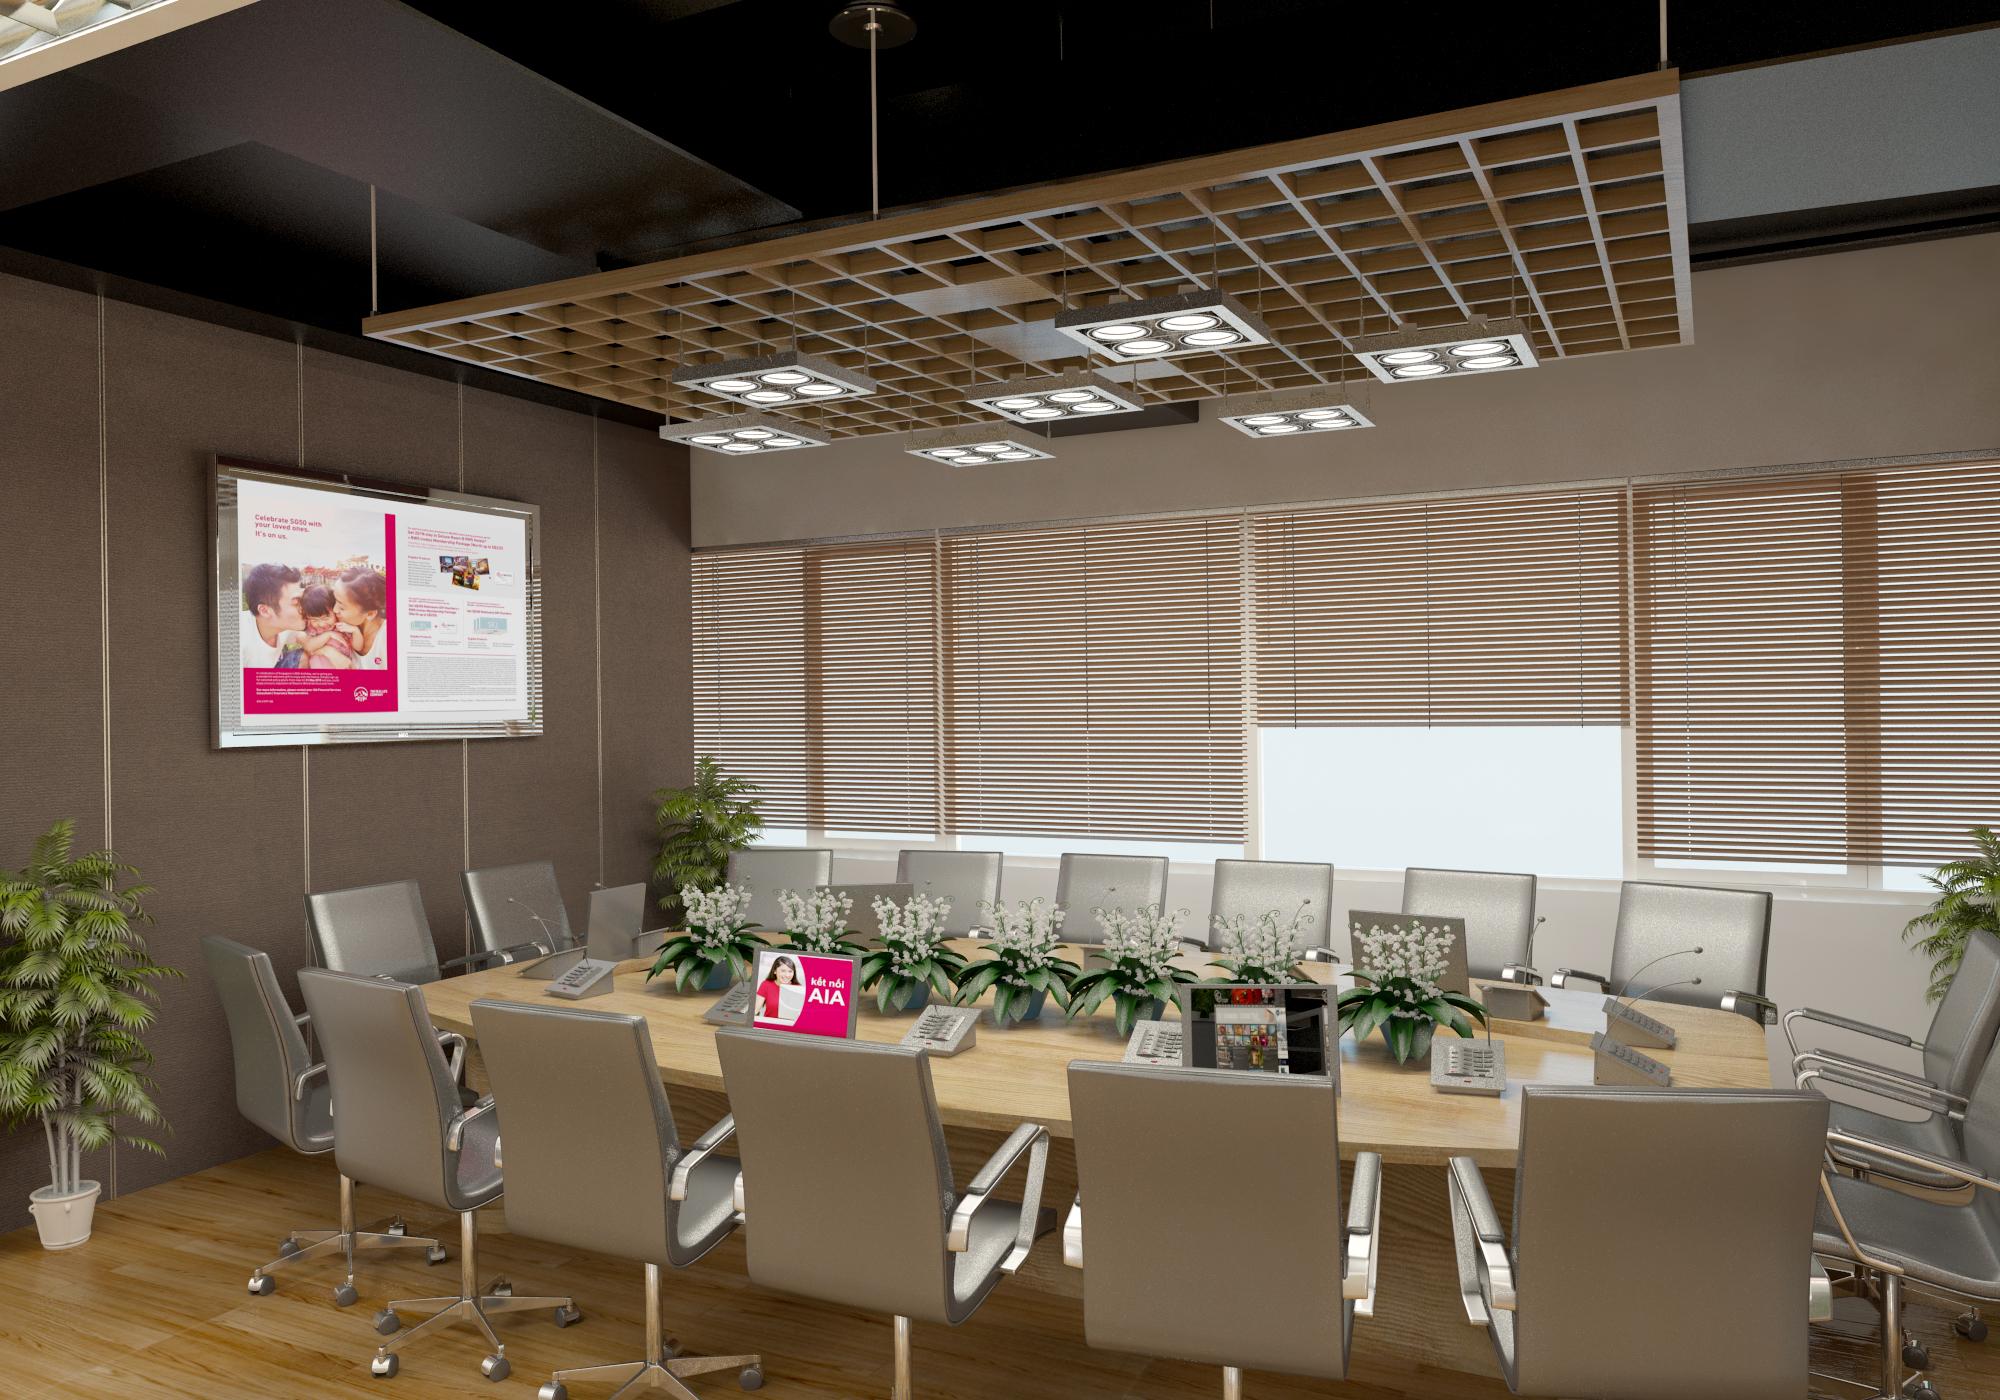 thiết kế nội thất Văn Phòng tại Hà Tĩnh Văn phòng AIA - Hà Tĩnh 17 1568277198